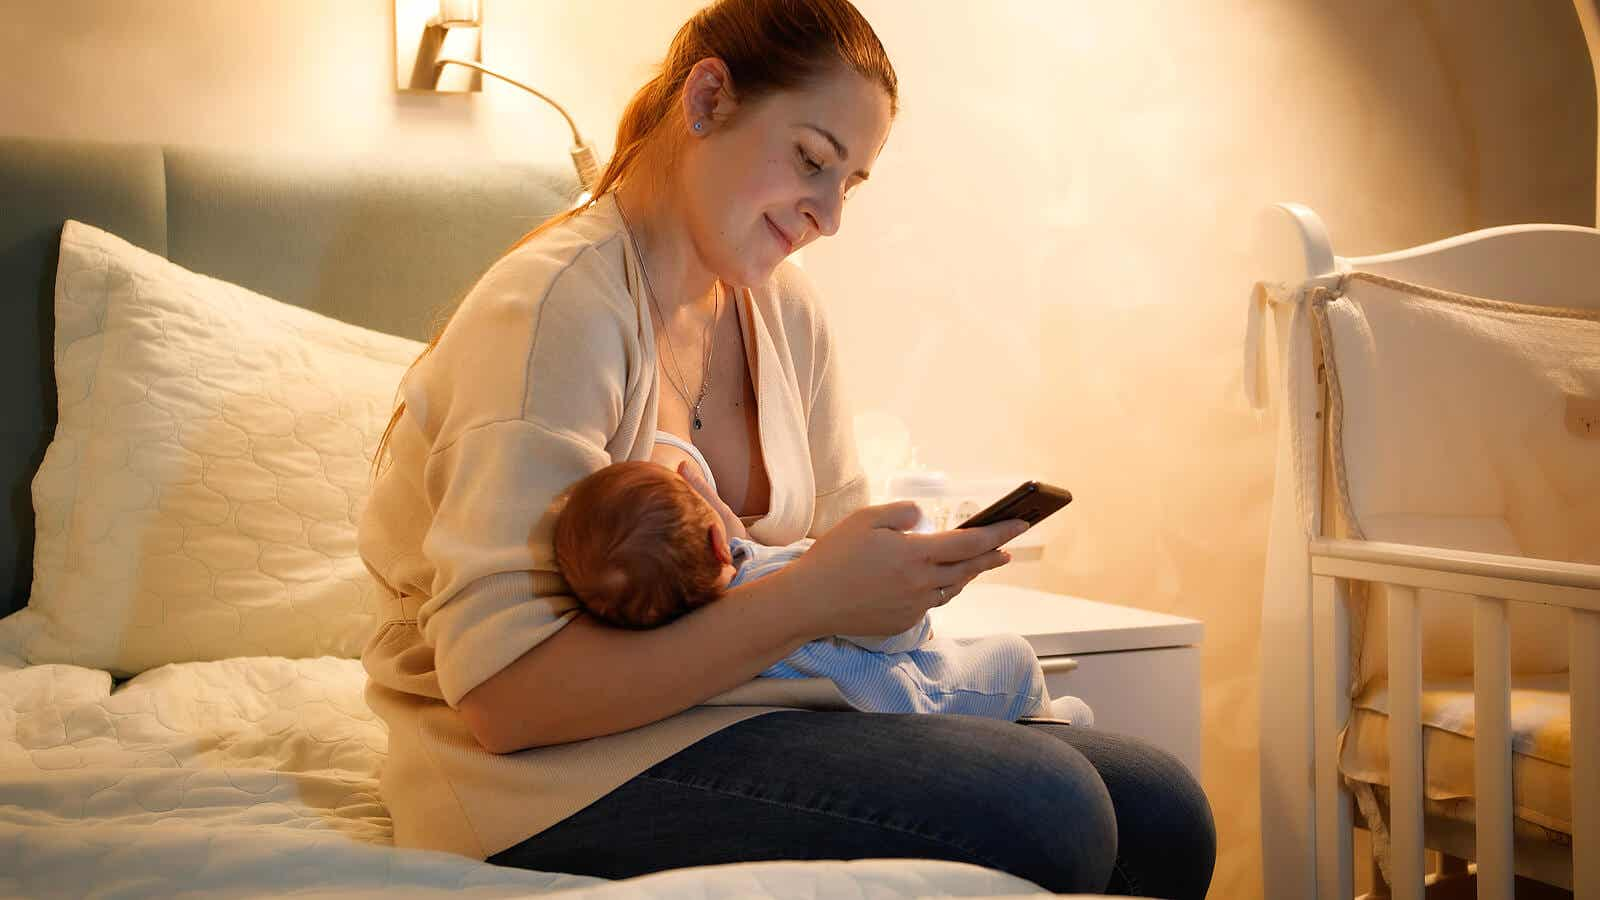 Matka karmiąca noworodka i korzystająca z aplikacji na swoim telefonie.